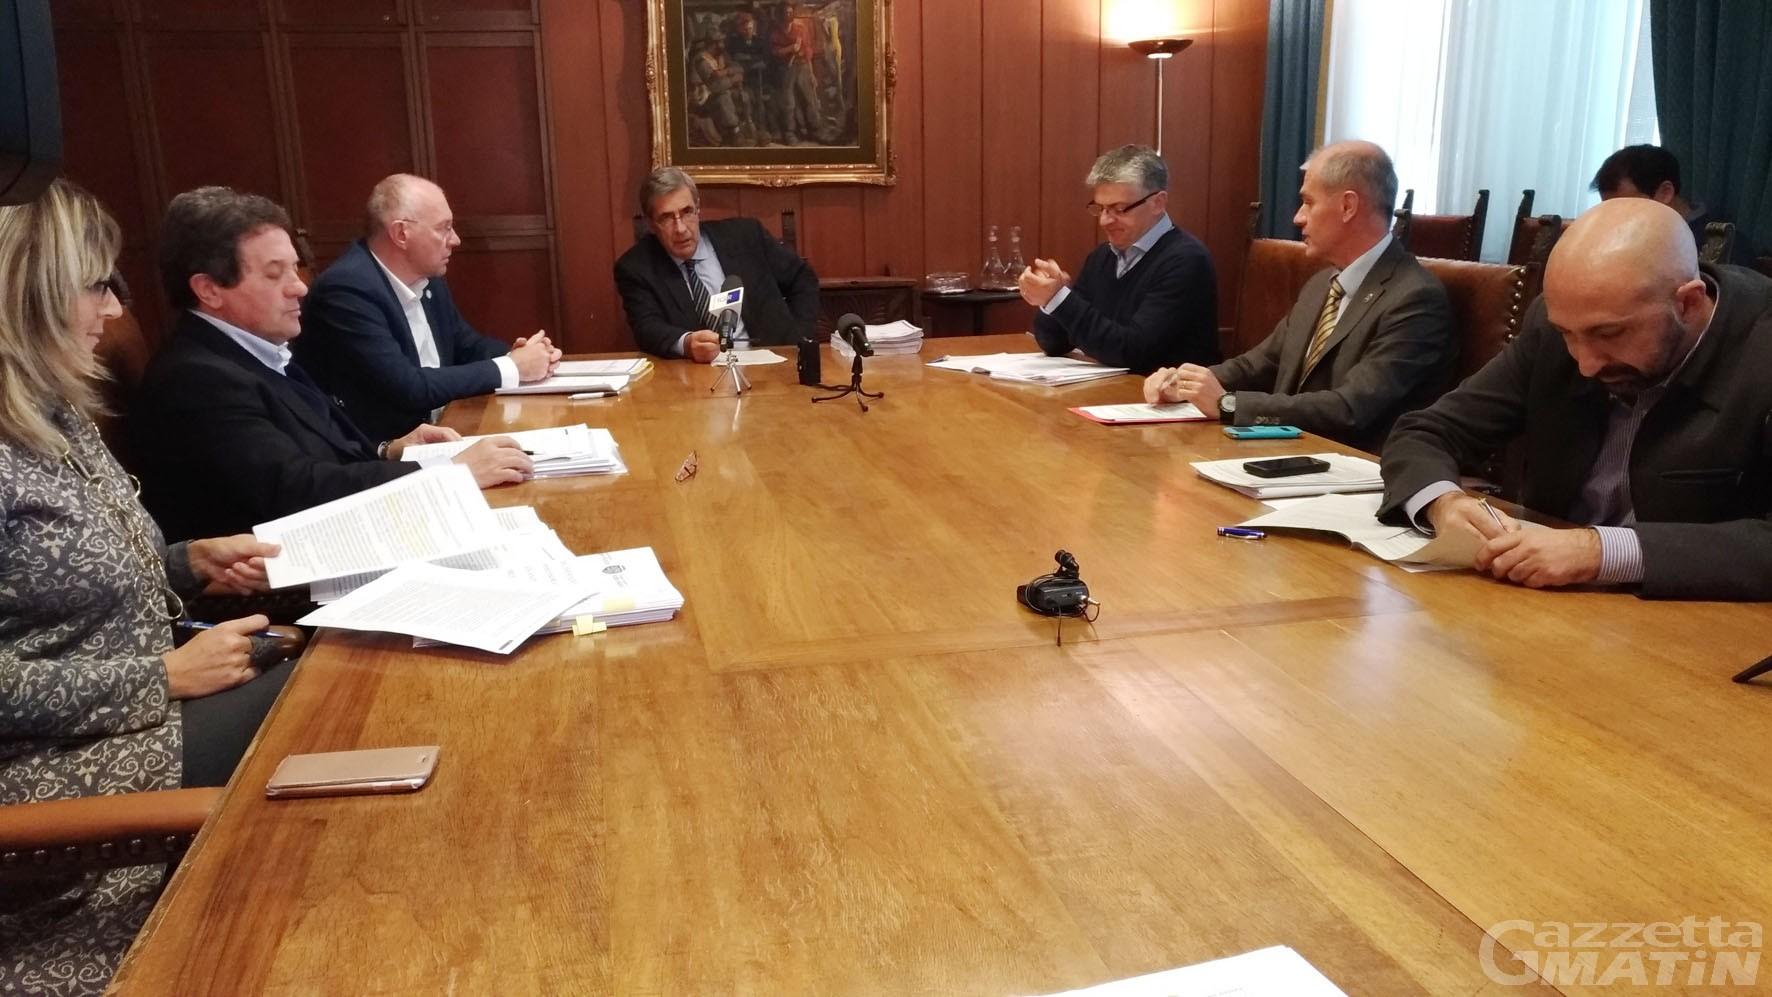 Regione Valle d'Aosta: nel bilancio 255 milioni per gli investimenti